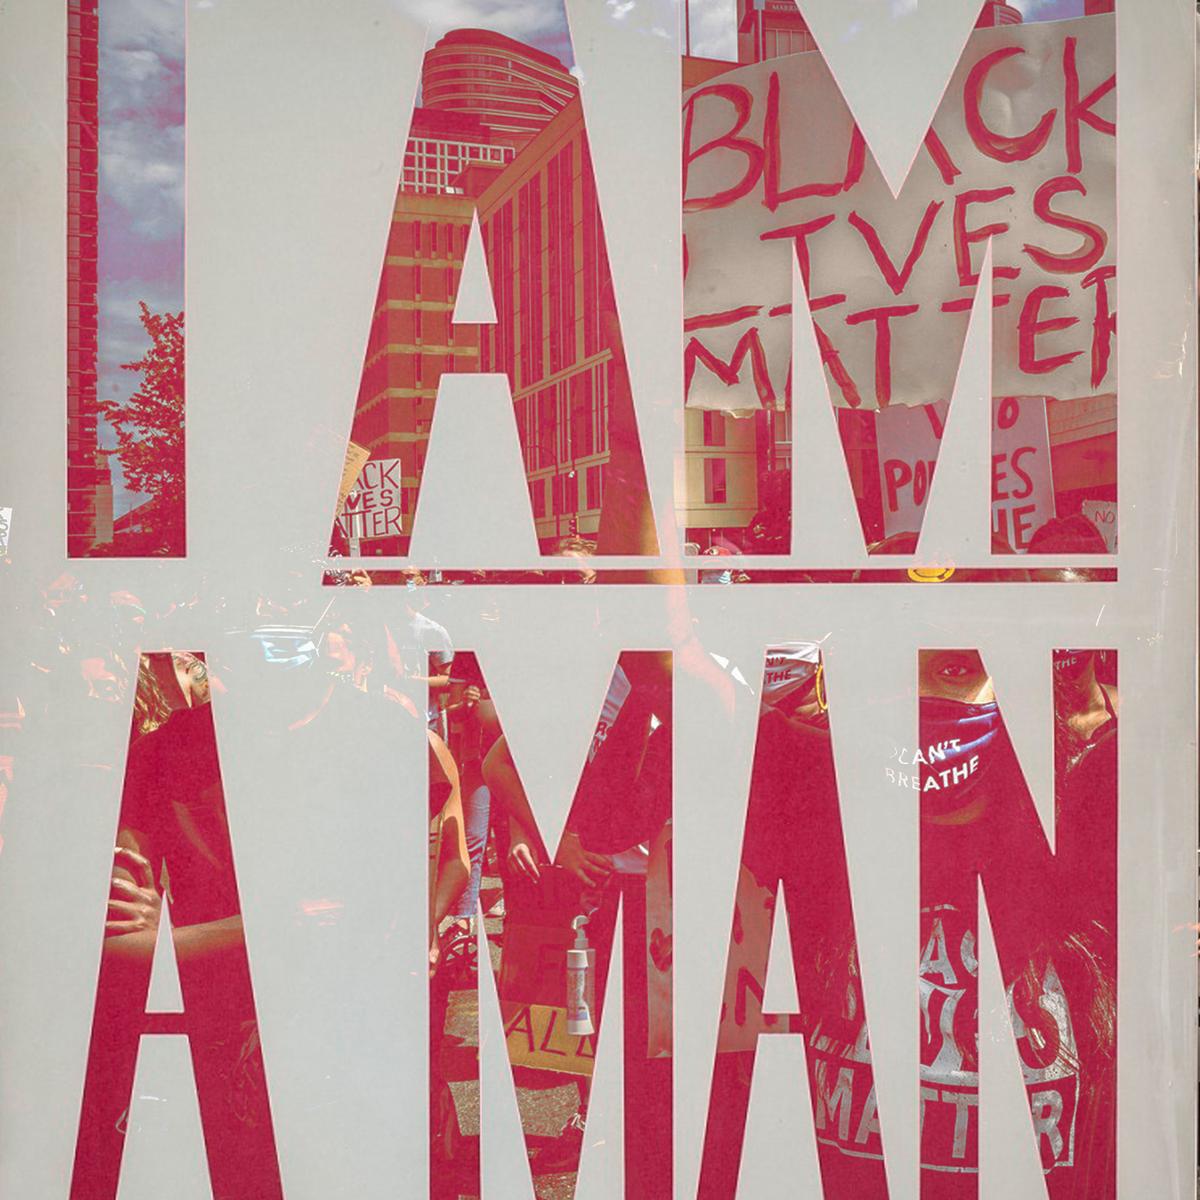 I Am a Man / Black Lives Matter